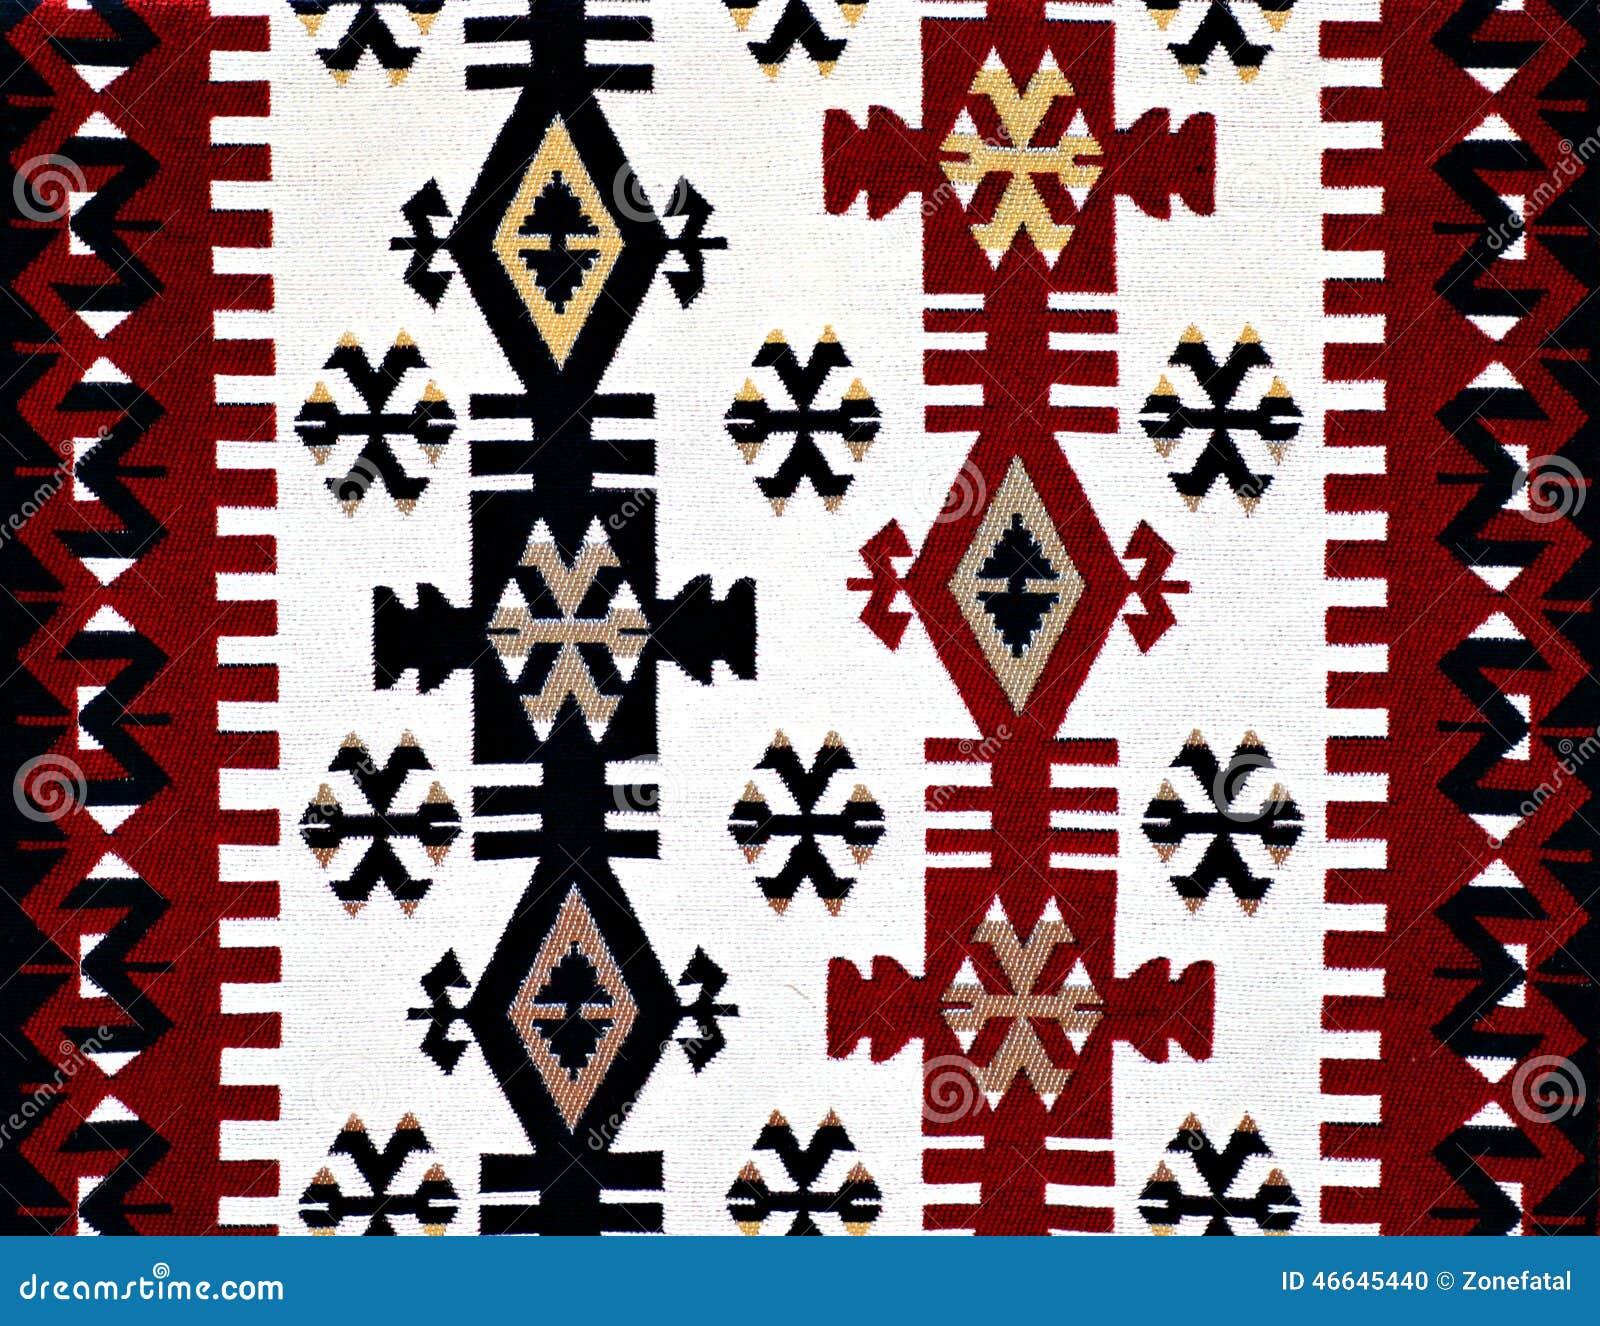 Oriental Turkish Carpet Pattern Stock Photo Image 46645440